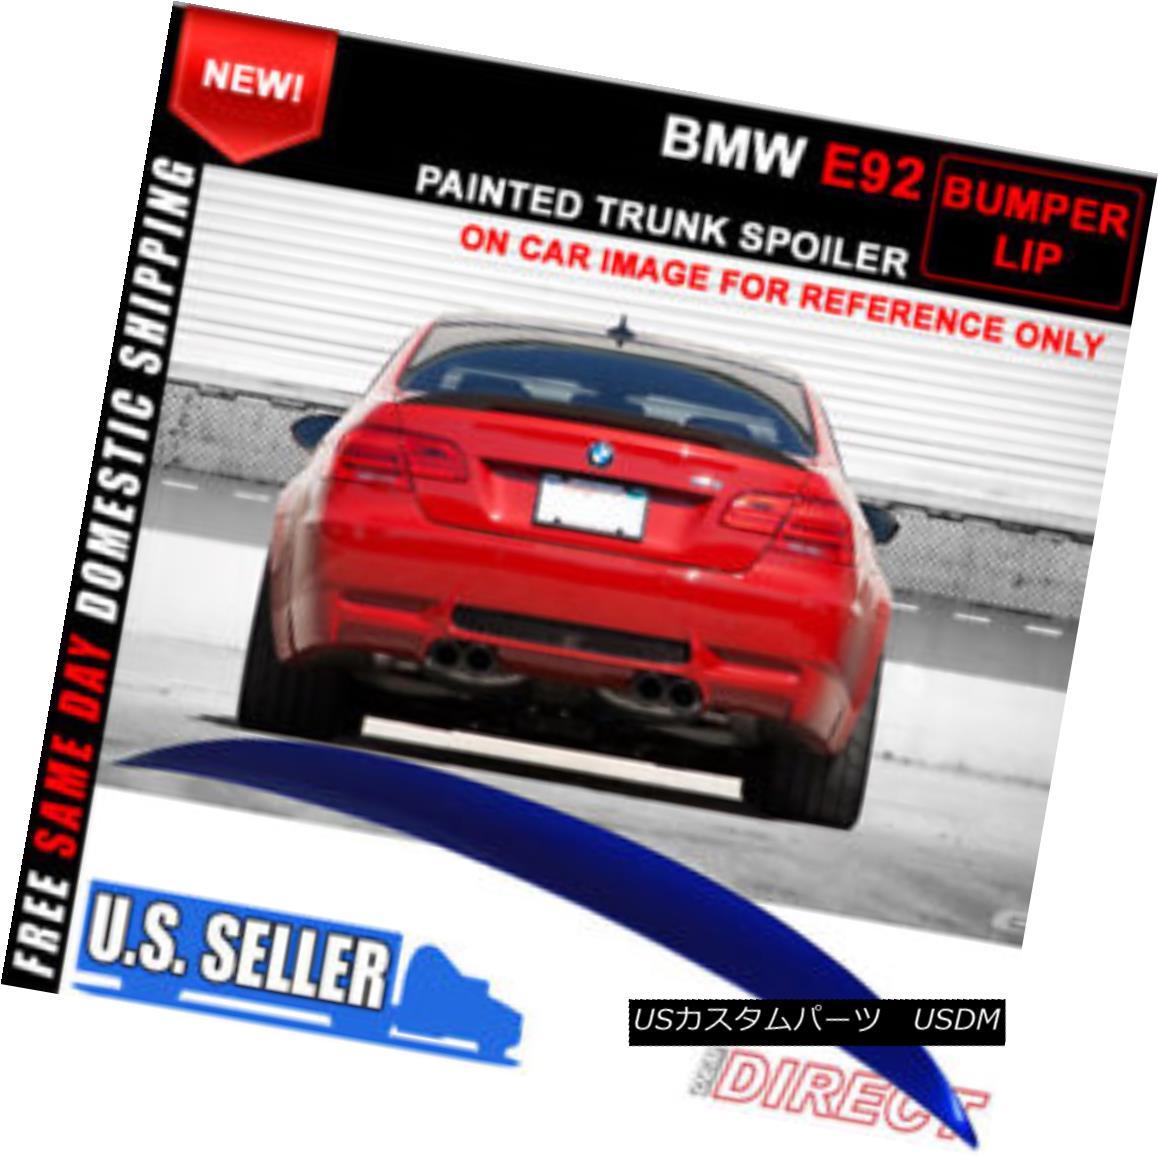 エアロパーツ 07-13 BMW E92 2Dr High Kick Trunk Spoile Wing Painted Montego Blue Metallic #A51 07-13 BMW E92 2Drハイキックトランクスポイラーウイングペイントモンテゴブルーメタリック#A51